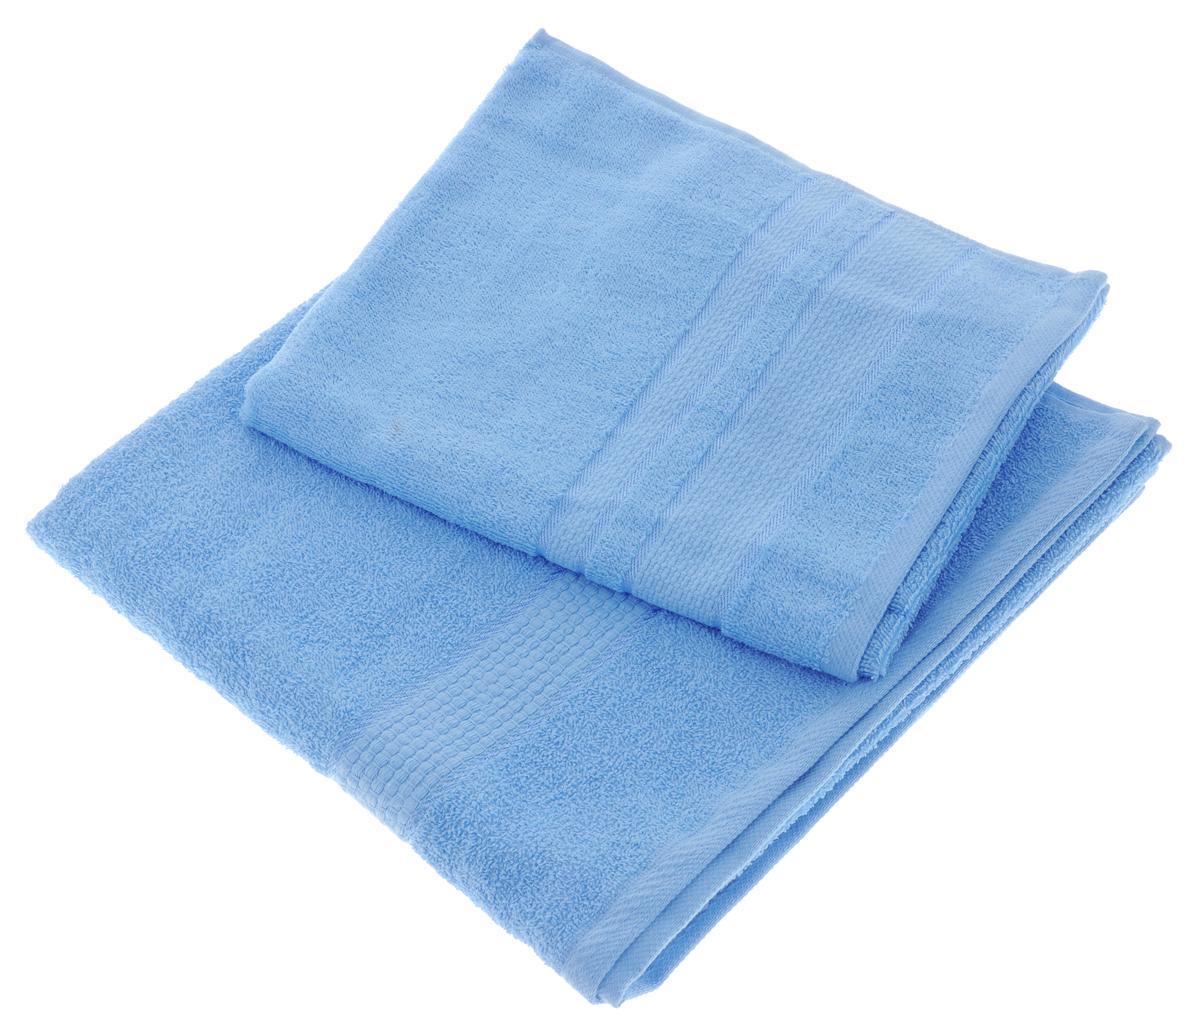 Набор махровых полотенец Aisha Home Textile, цвет: голубой, 2 шт. УзТ-НПМ-102RSP-202SНабор Aisha Home Textile состоит из двух махровых полотенец разного размера. В состав входит только натуральное волокно - 100% хлопок. Лаконичные бордюры подойдут для любого интерьера ванной комнаты. Полотенца прекрасно впитывают влагу и быстро сохнут. При соблюдении рекомендаций по уходу не линяют и не теряют форму даже после многократных стирок.Комплектация: 2 шт.